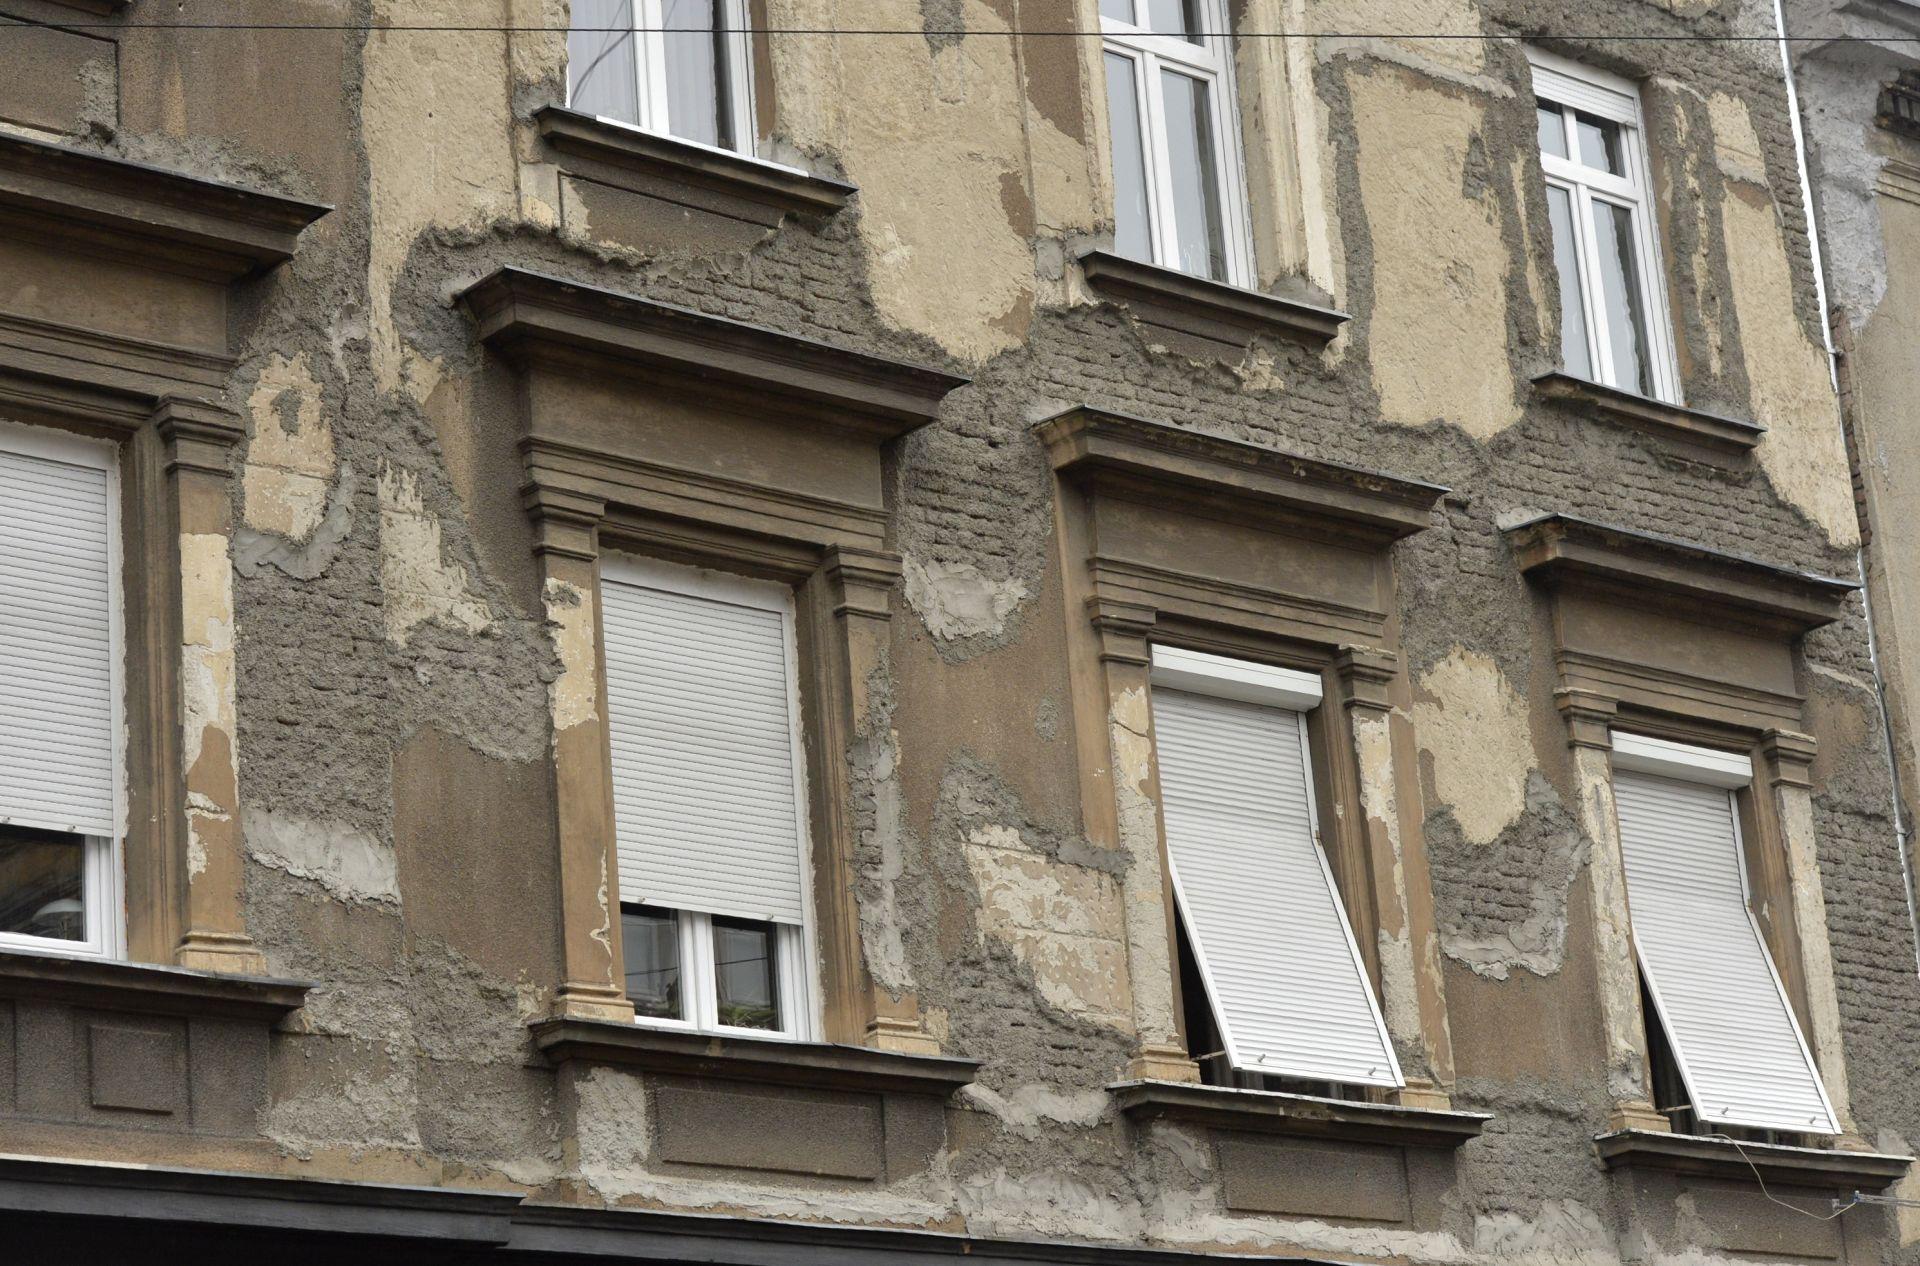 ZAGREB Prihvaćena odluka o sufinanciranju obnove zgrada